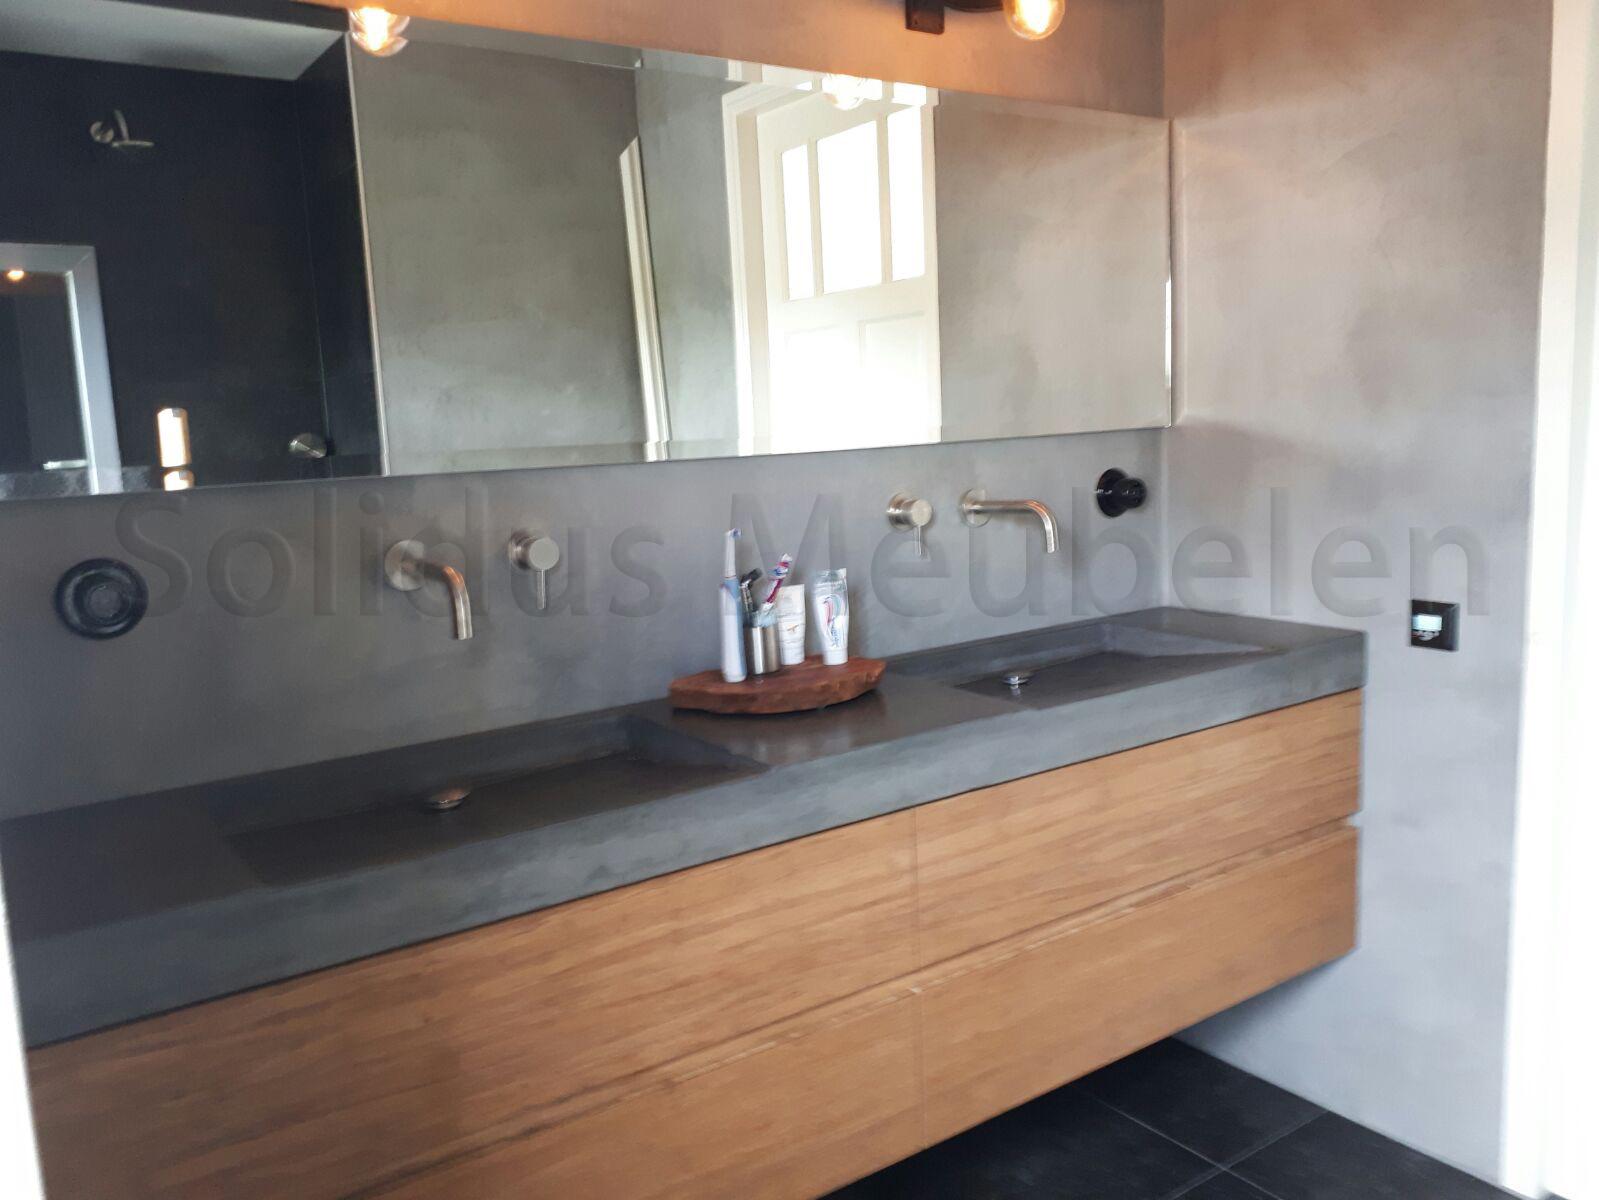 Betonnen Blad Badkamer : Solidus meubelen alles van beton op maat gemaakt